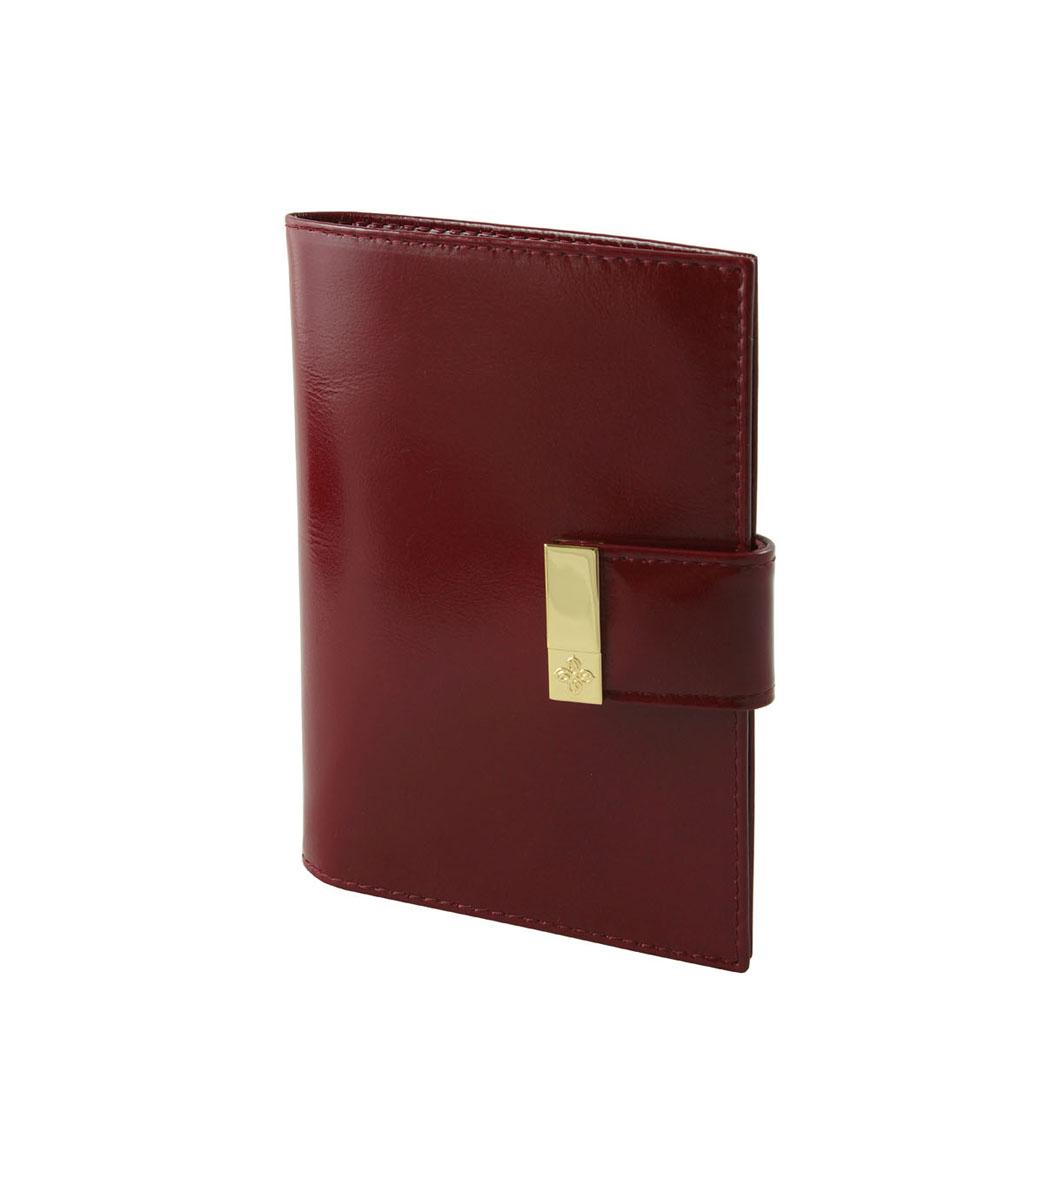 Обложка для паспорта Dimanche Elite Гранат, цвет: бордовый. 150150Обложка для паспорта Dimanche Elite Гранат изготовлена из натуральной кожи бордового цвета. Внутри содержится два прозрачных захвата для паспорта. Внутренняя отделка - из стильной ткани насыщенного красного цвета. Закрывается обложка на кнопку хлястиком с металлическим украшением. Обложка Dimanche Elite Гранат не только поможет сохранить внешний вид вашего паспорта и защитит его от повреждений, но и станет ярким аксессуаром, который подчеркнет ваш неповторимый стиль. Обложка упакована в фирменную подарочную коробку.